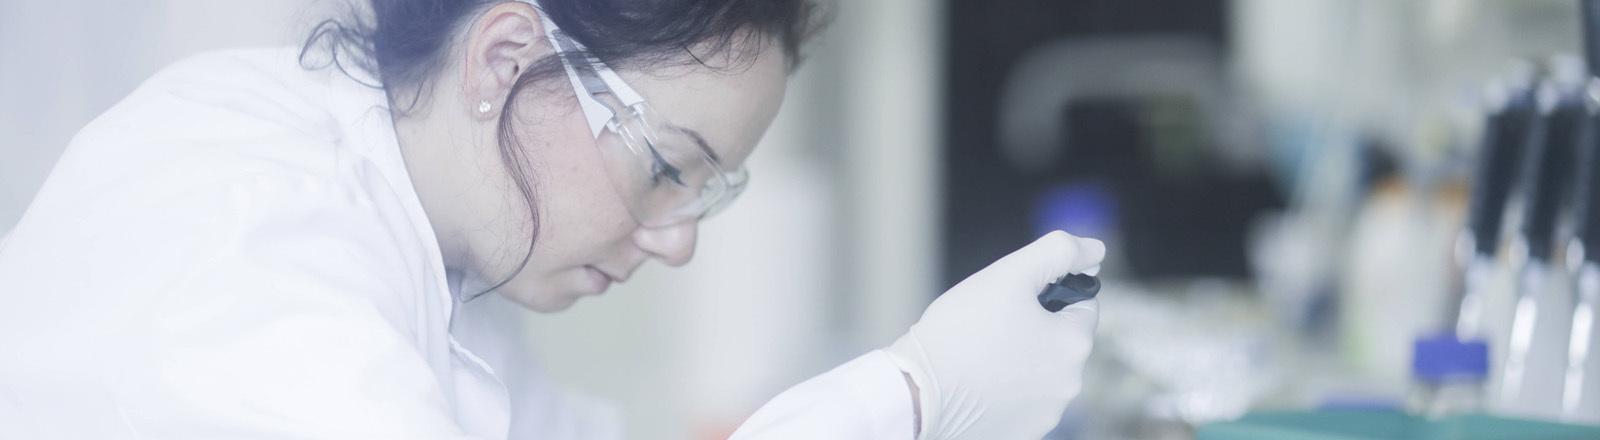 Wissenschaftlerin bei der Arbeit im Labor